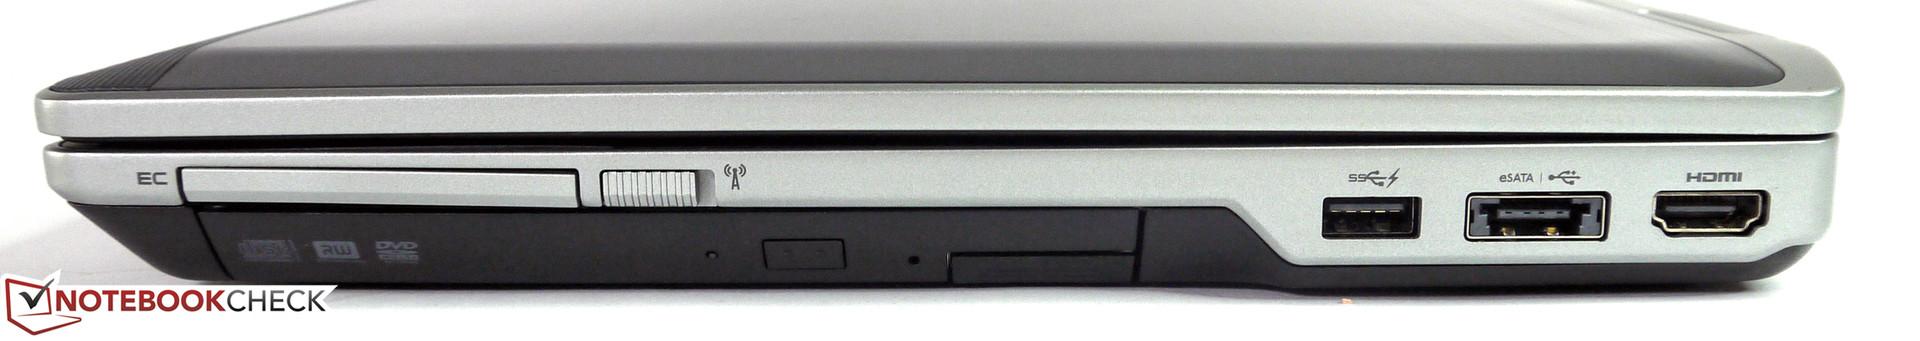 Test Dell Latitude E6530 Notebook